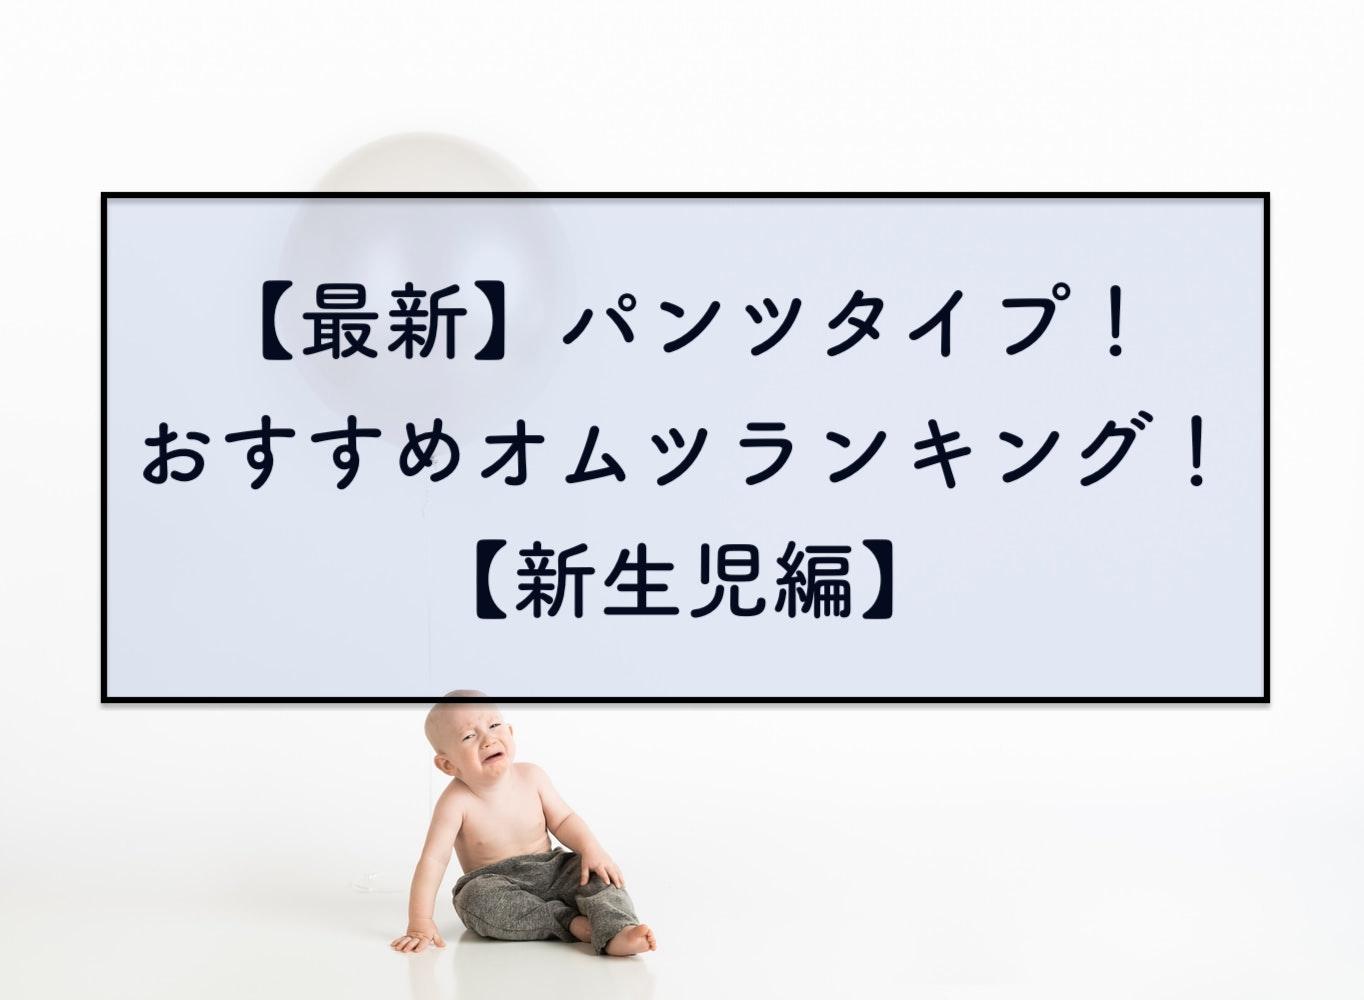 【最新】パンツタイプ!おすすめオムツランキング【新生児編】